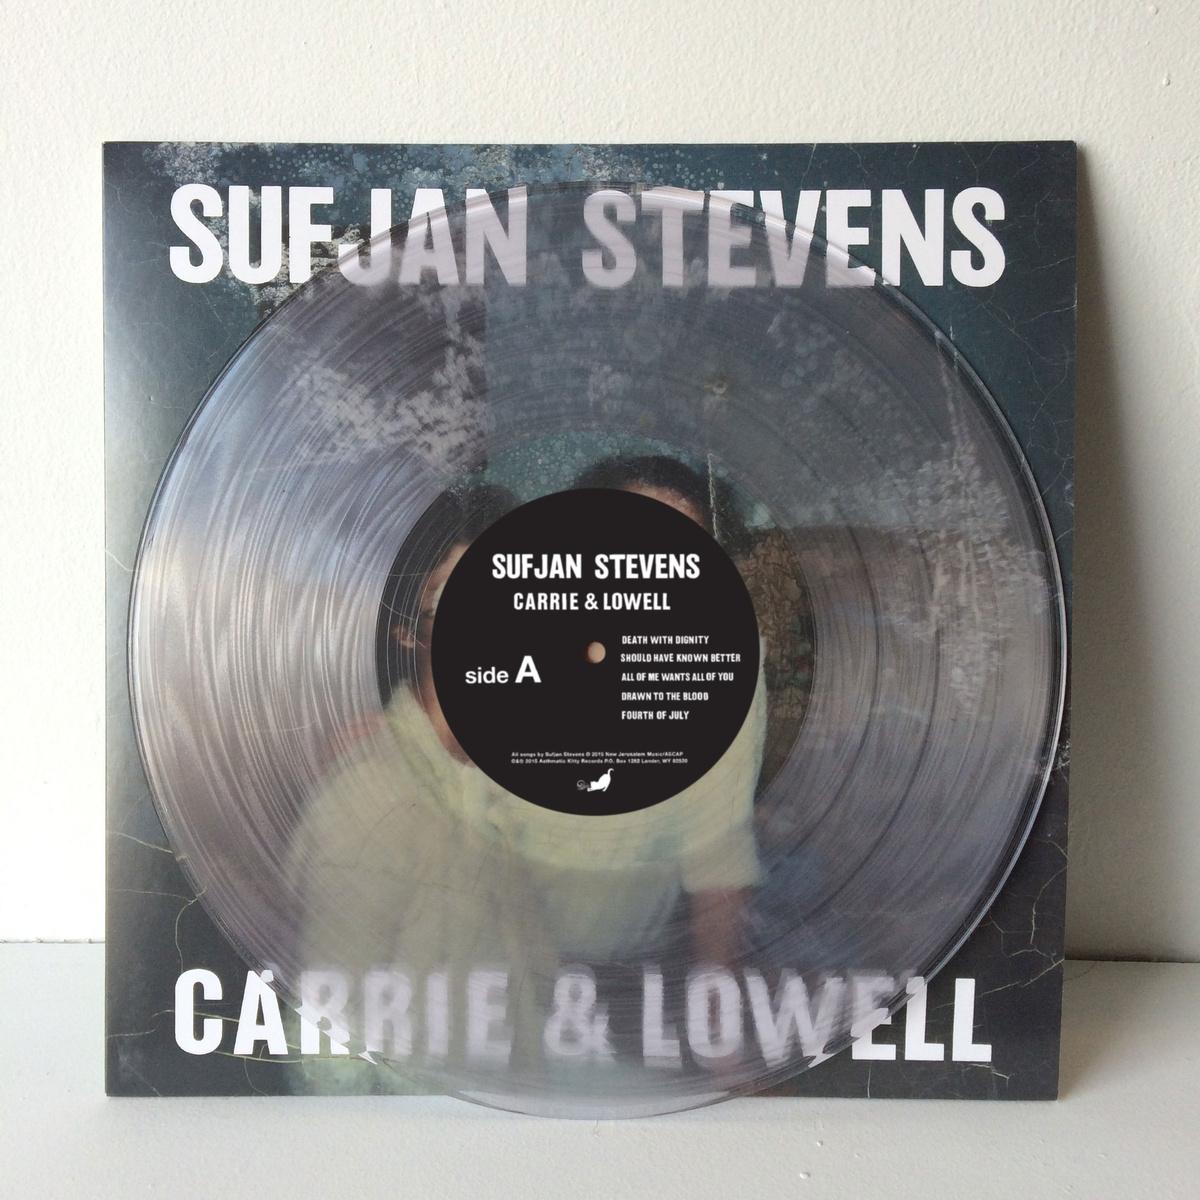 Sufjan vinyl